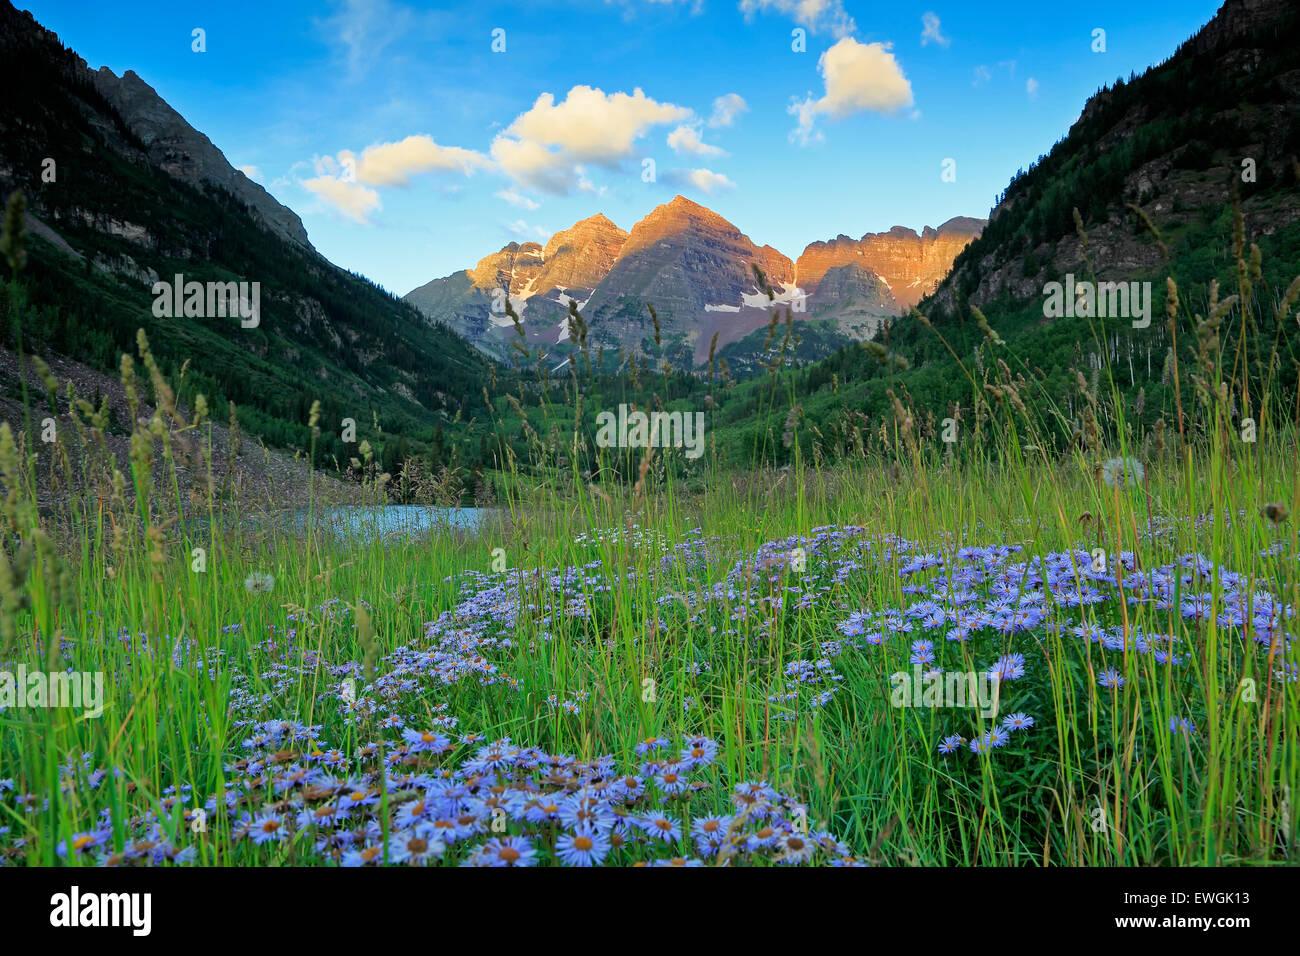 Maroon Bells e fiori selvatici, White River National Forest, Aspen Colorado, STATI UNITI D'AMERICA Immagini Stock